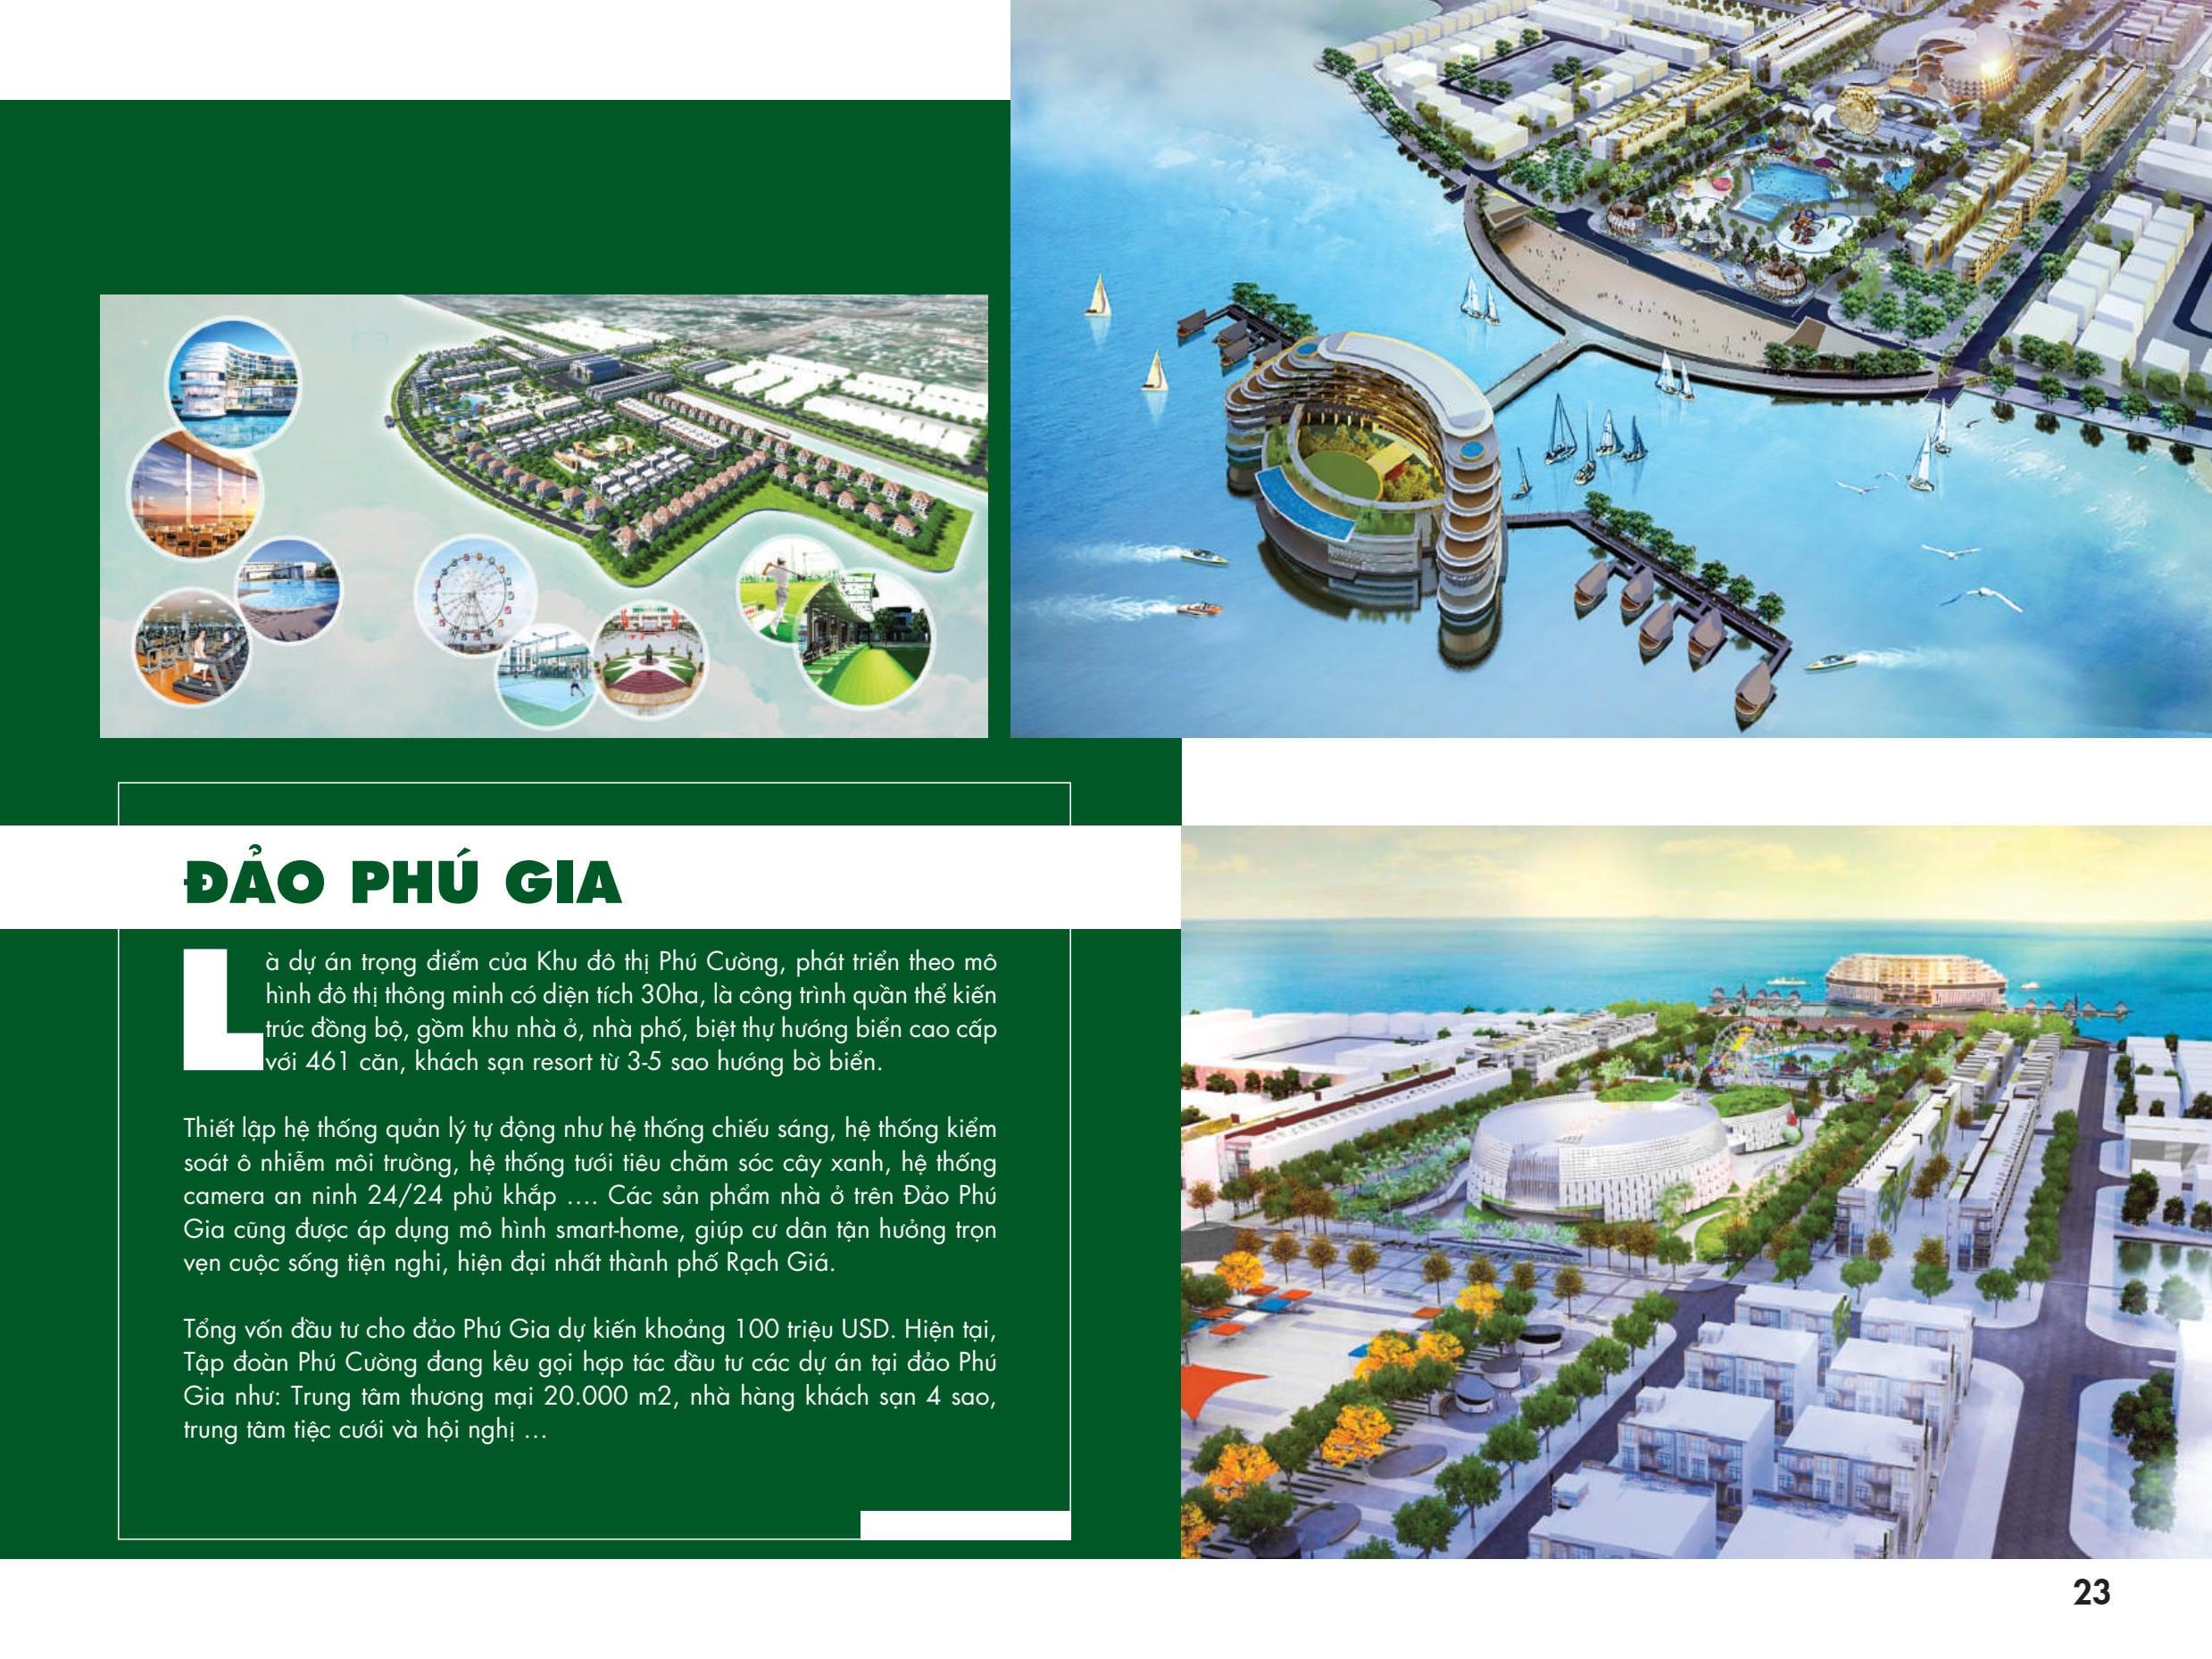 đảo phú giá khu đô thị phú cường kiên giang